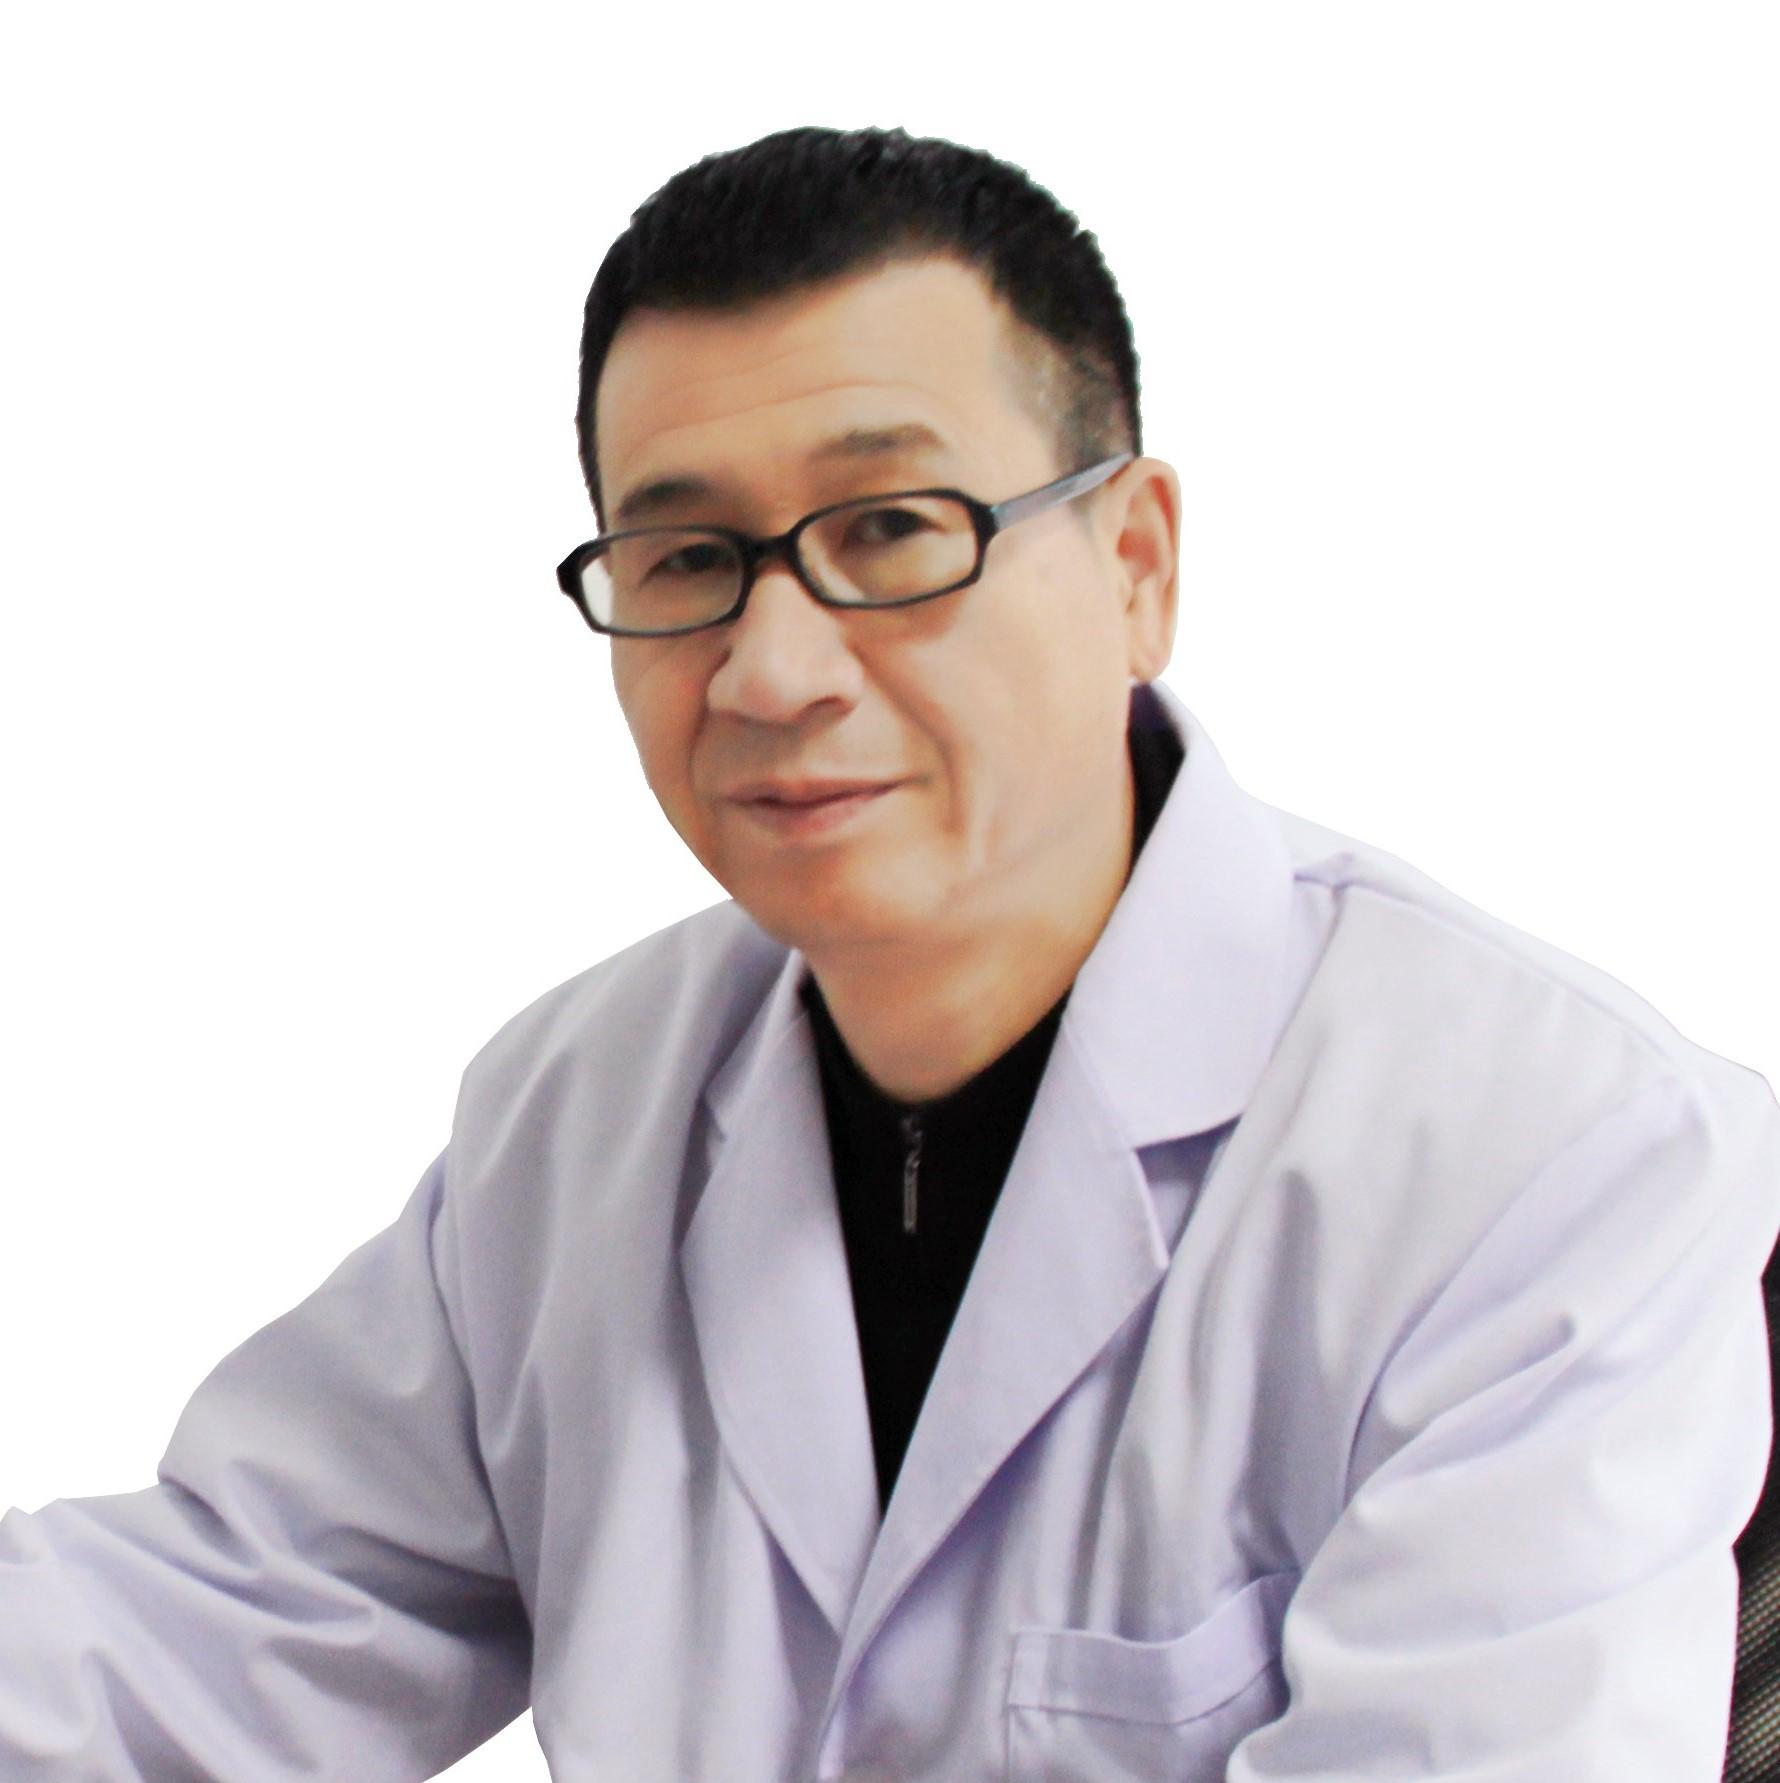 北京侯丽萍中医院_专家介绍   华府医院